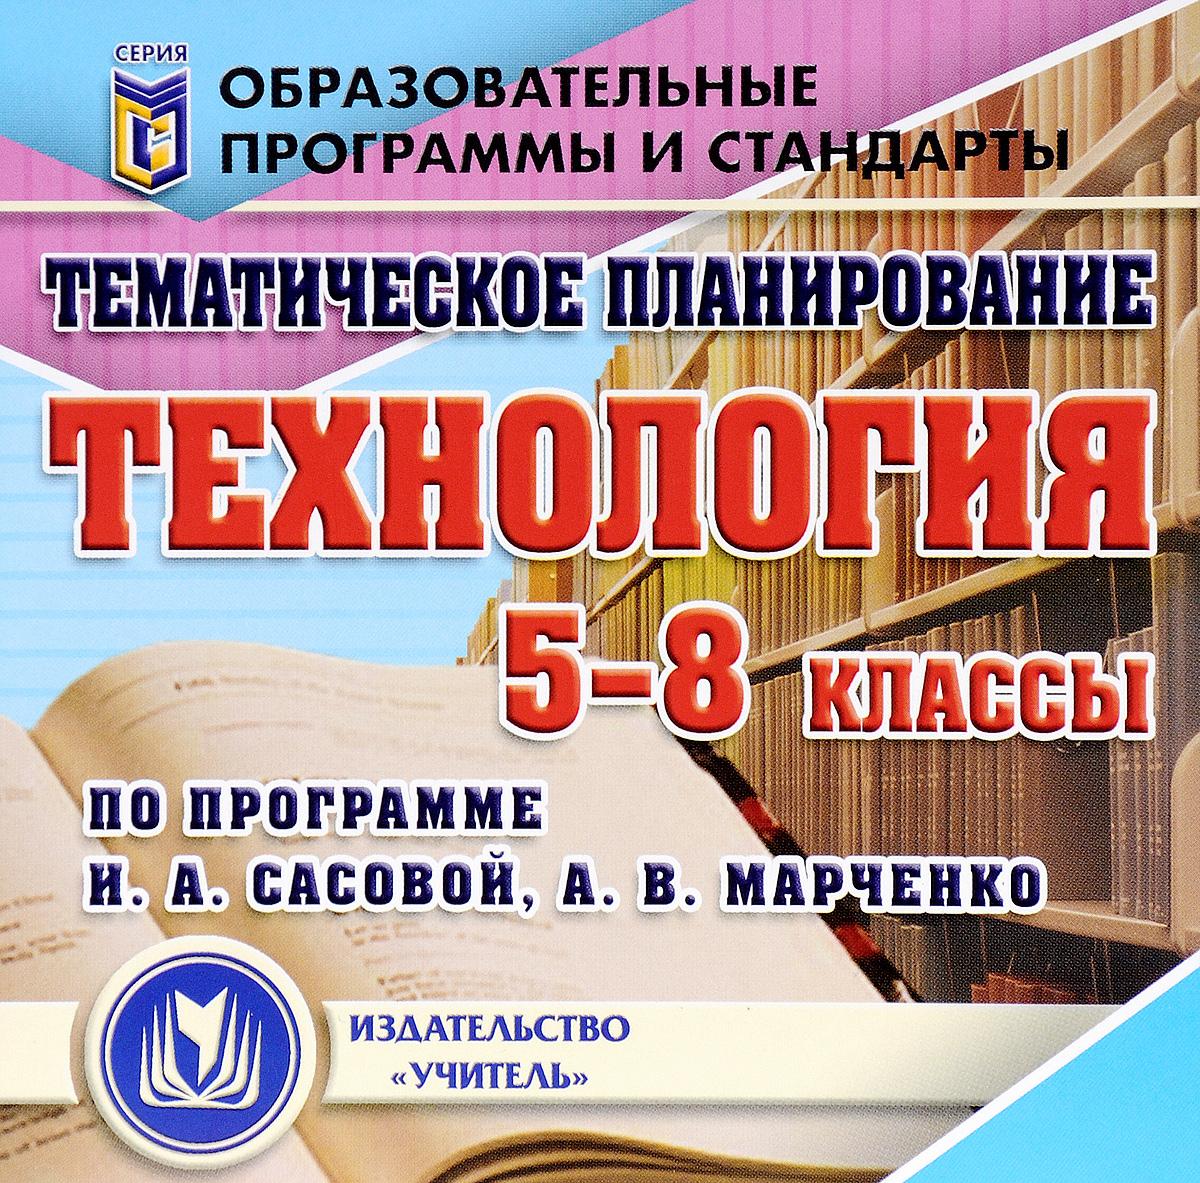 Тематическое планирование. Технология. 5-8 классы. По программе И. А. Сасовой, А. В. Марченко химия 8 11 классы программы и тематическое планирование для общеобразовательных учреждений